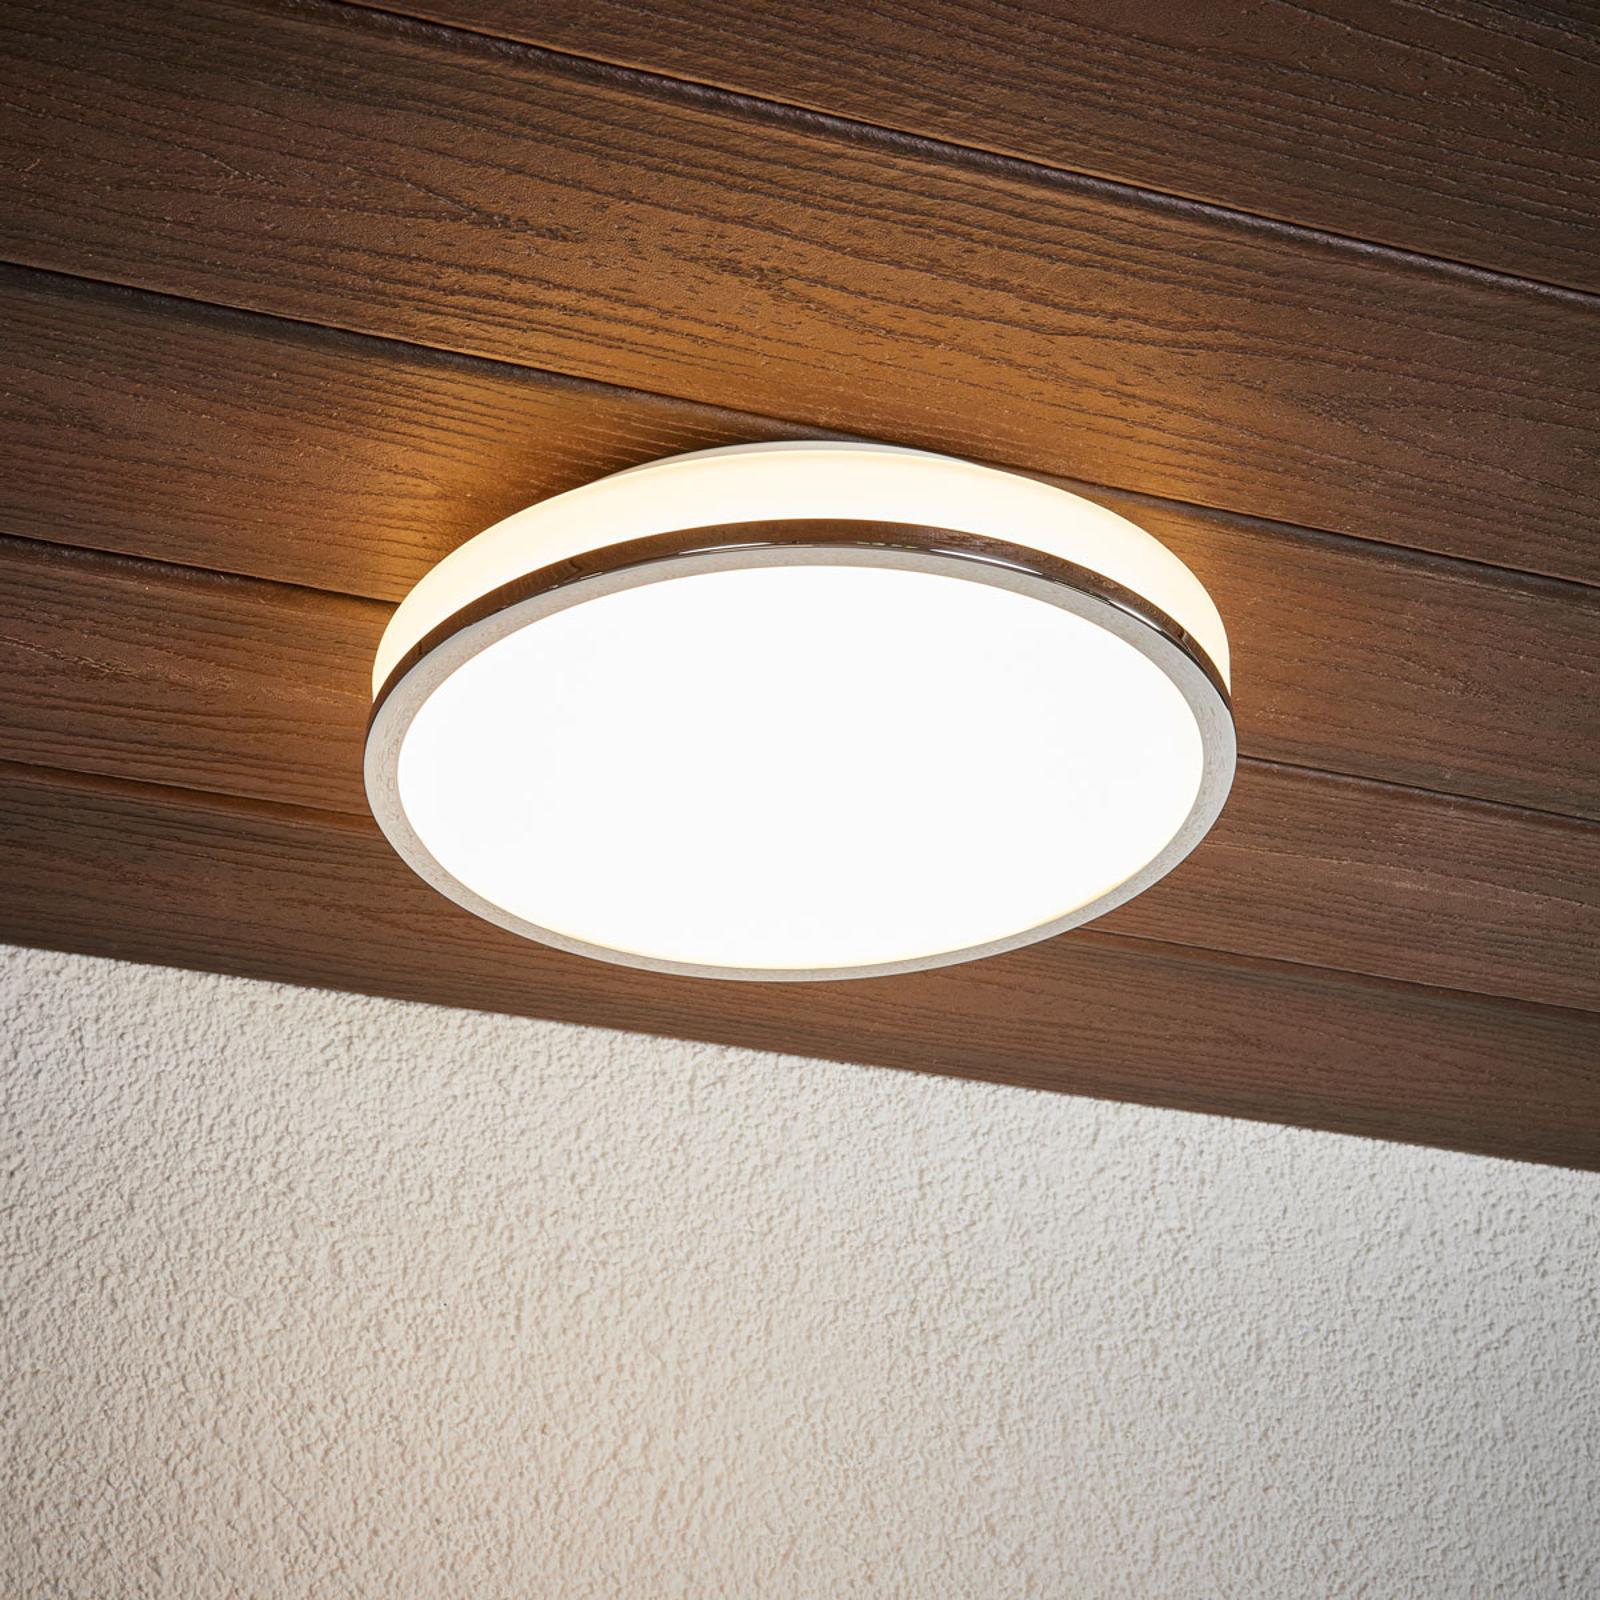 Lampa sufitowa LED Lyss, chromowany brzeg, IP44